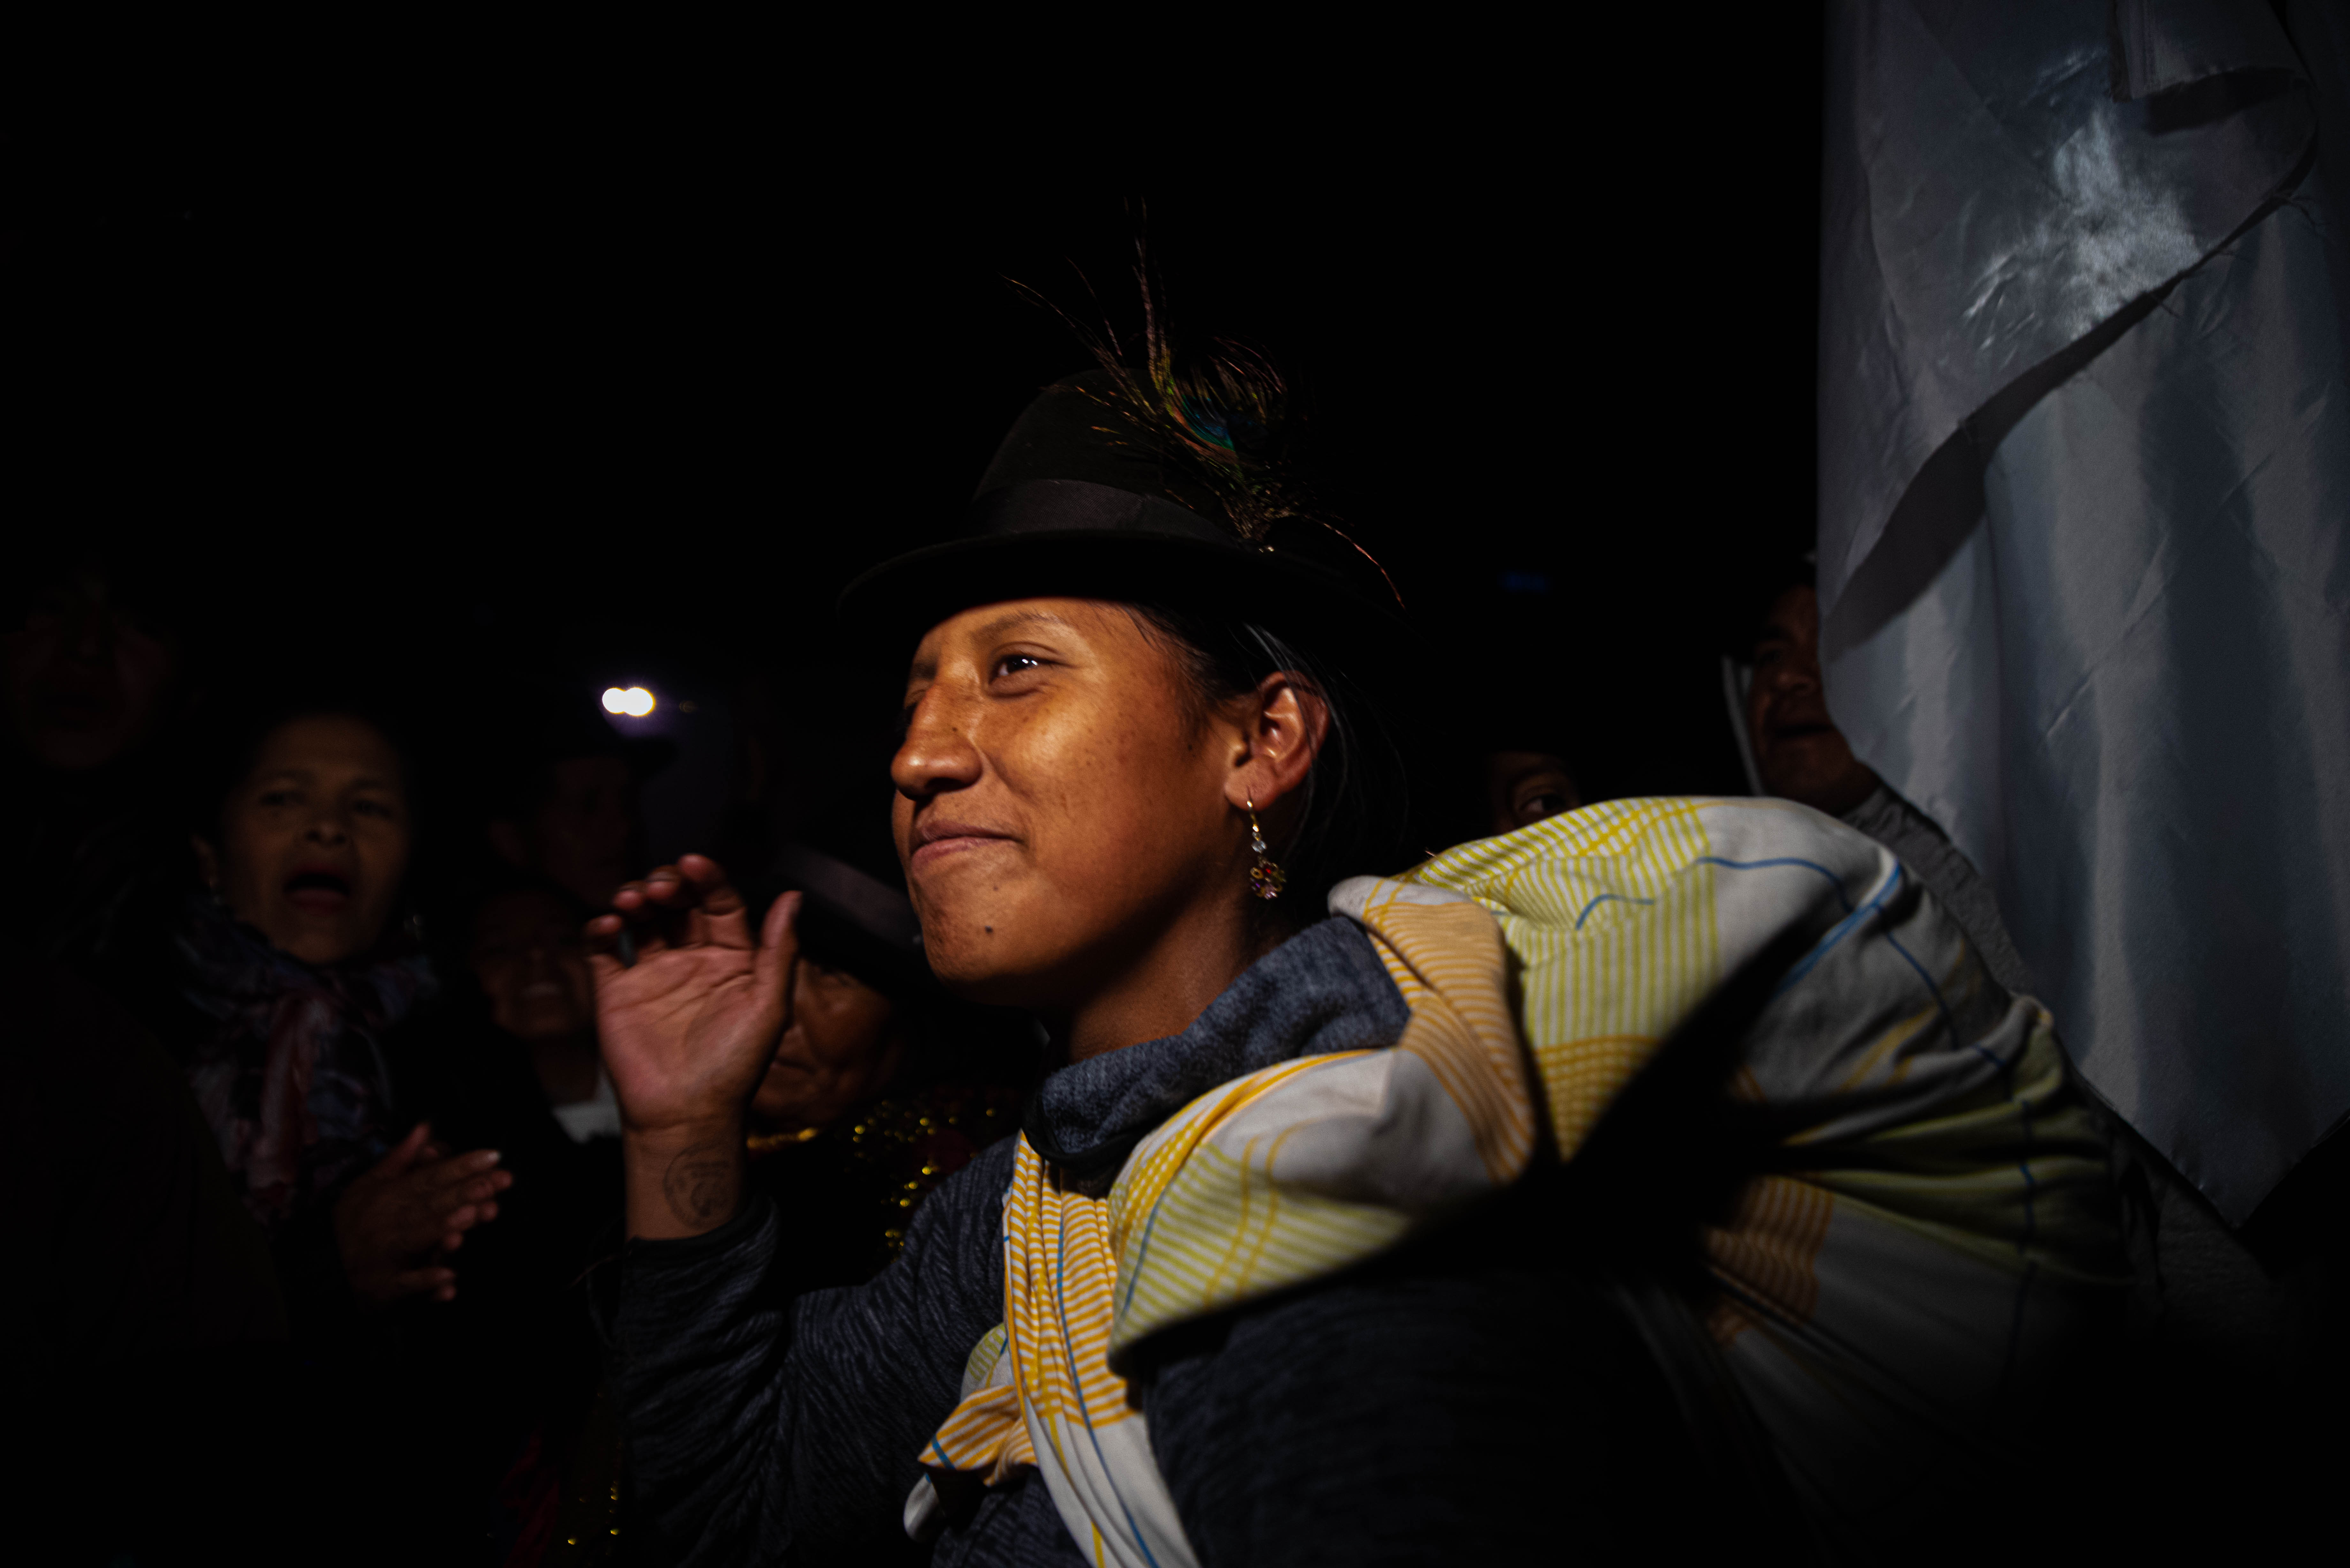 Una mujer con vestimenta tradicional celebra el fin de los doce días de protestas en Quito. Fotos: Franco Fafasuli